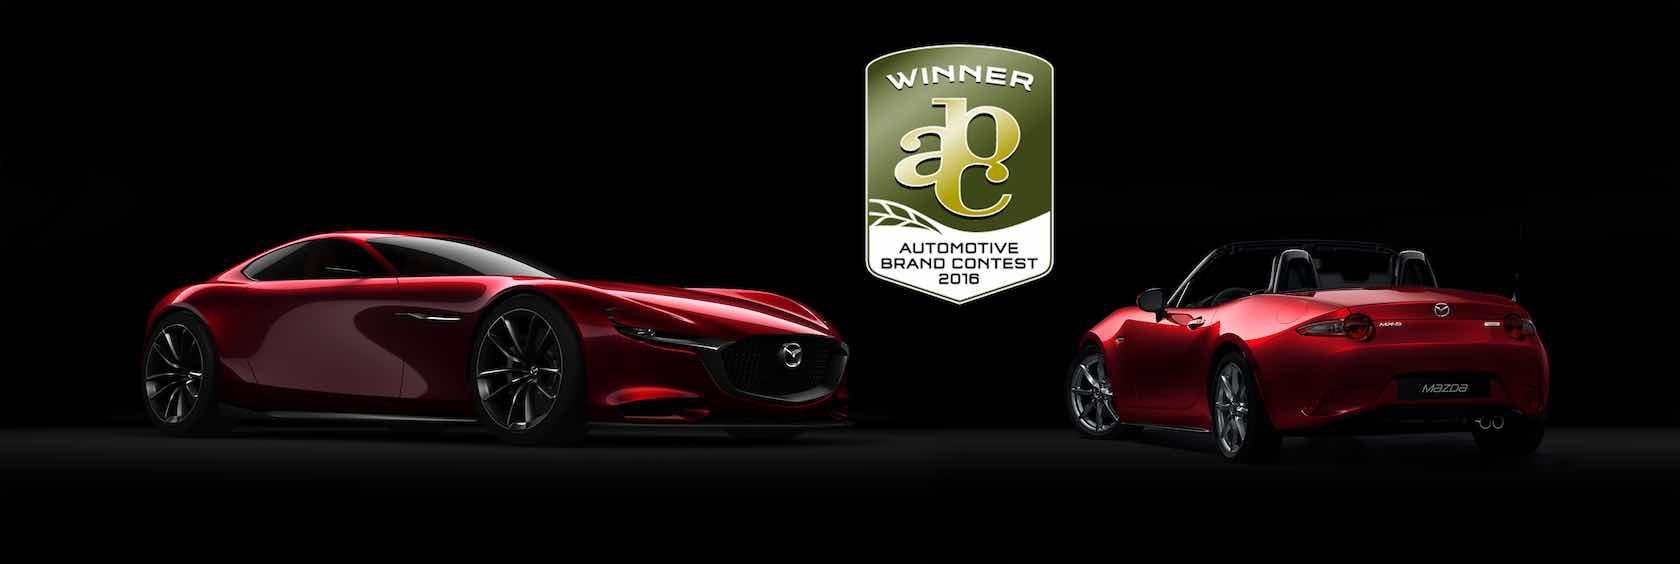 Mazda remporte deux prix au concours Automotive Brand Contest